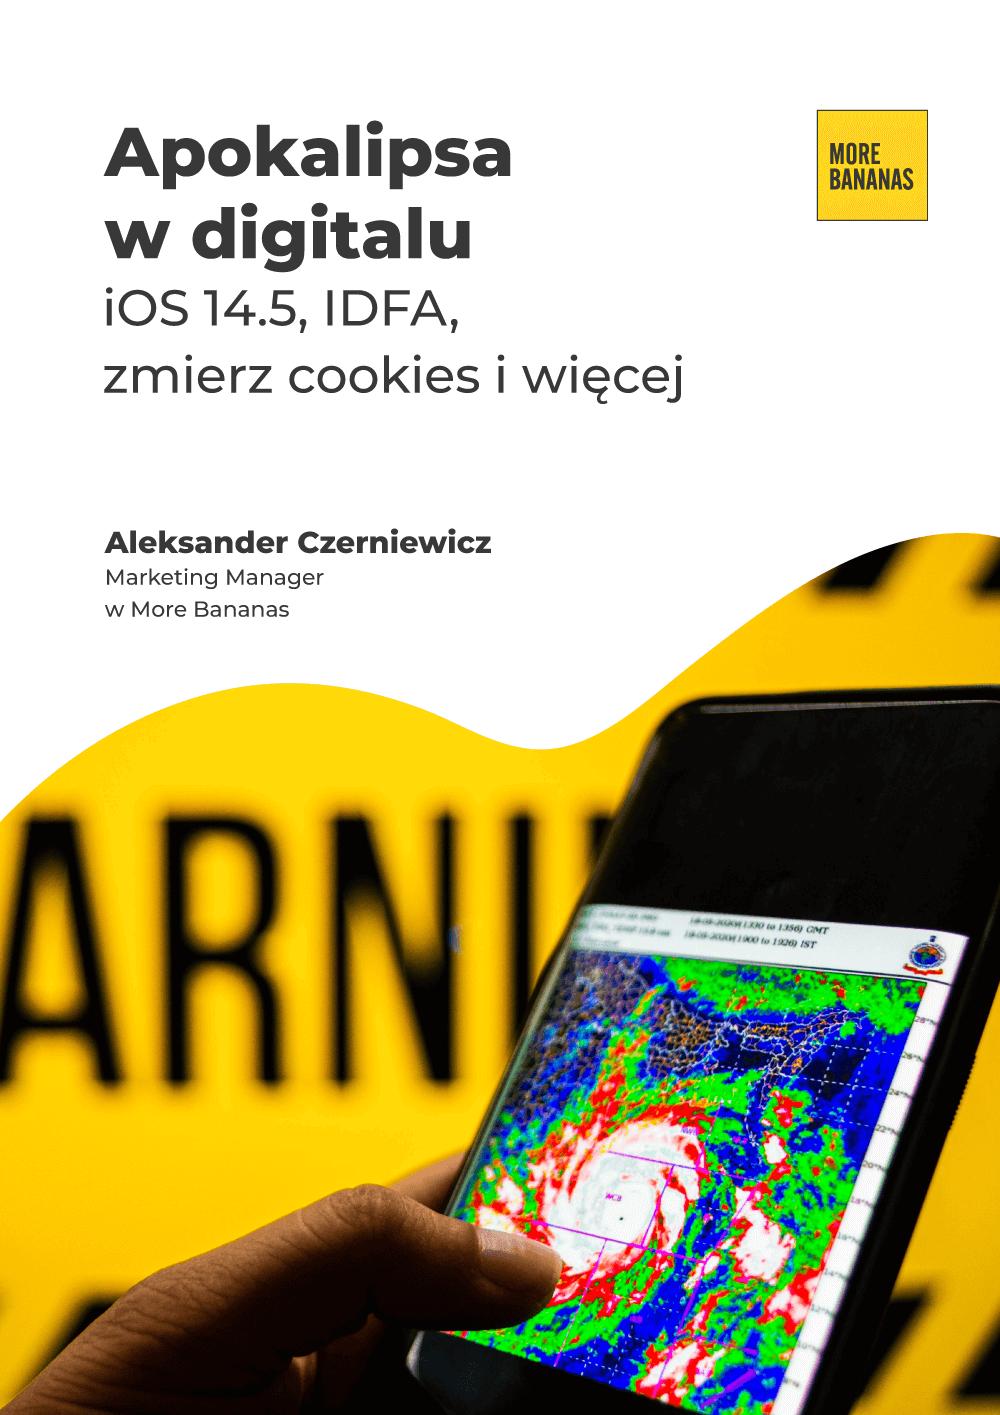 Apokalipsa w digitalu